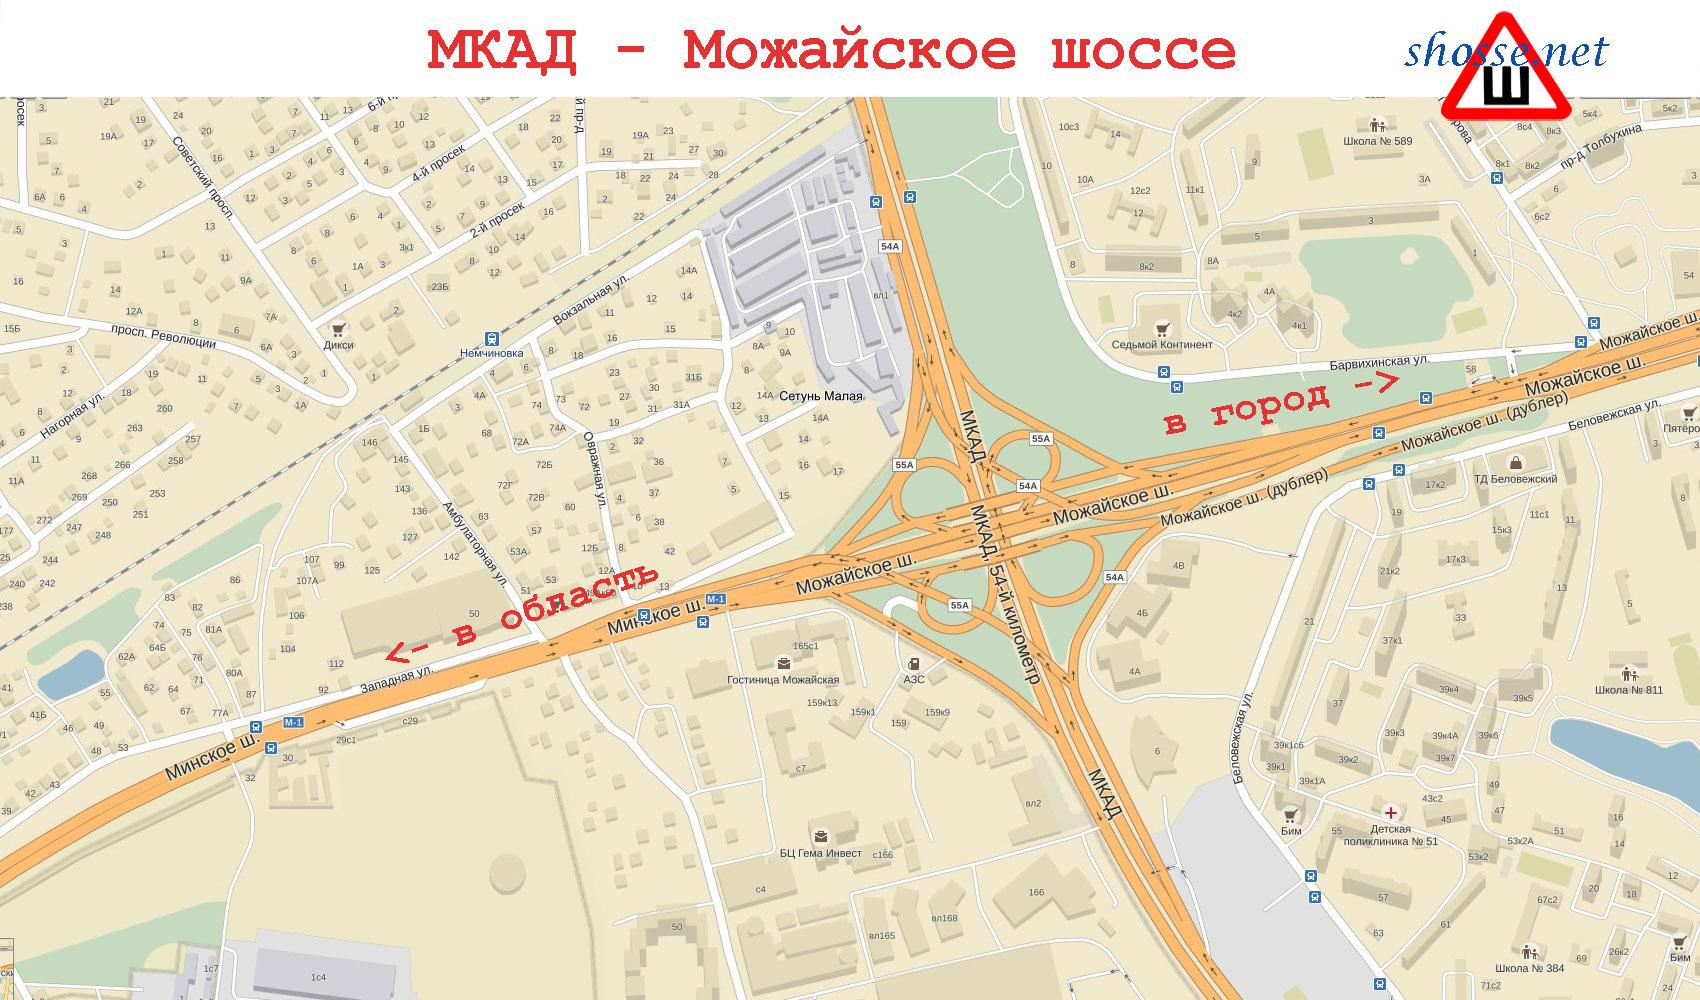 Бриджит карта москвы можайское шоссе квартир Малышева Асбесте